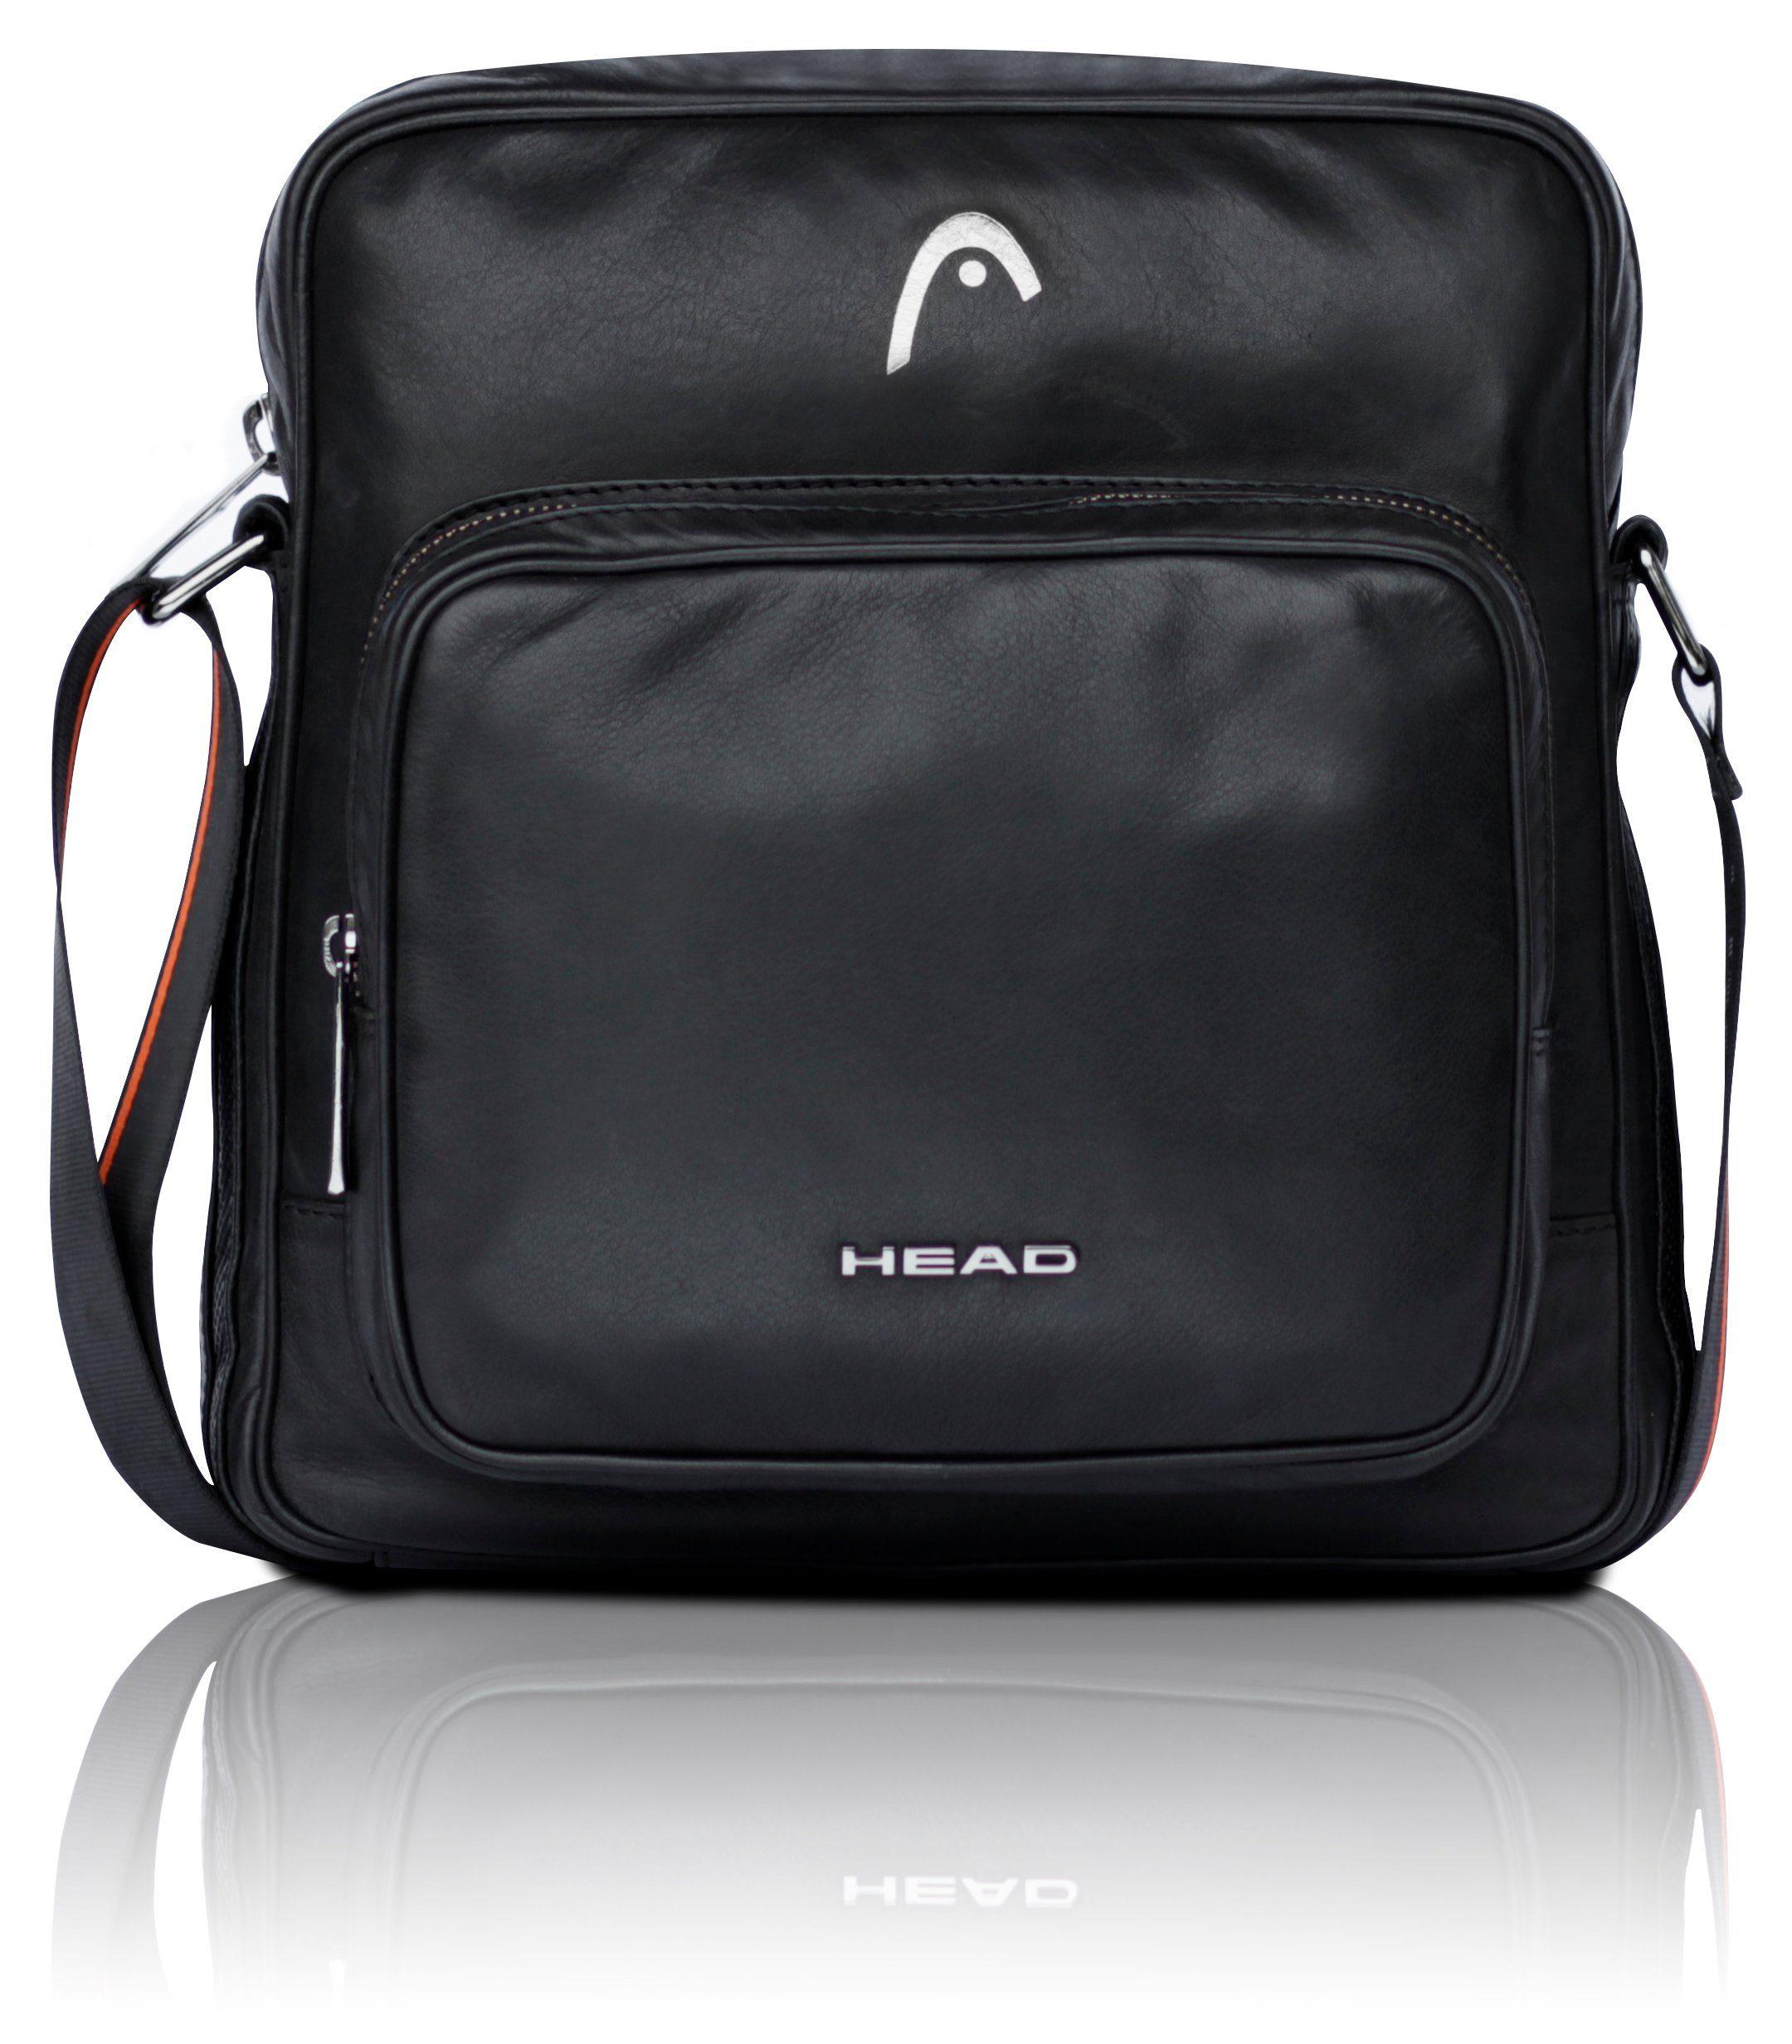 HEAD Reporter-Tasche mit praktischem Business-Frontfach